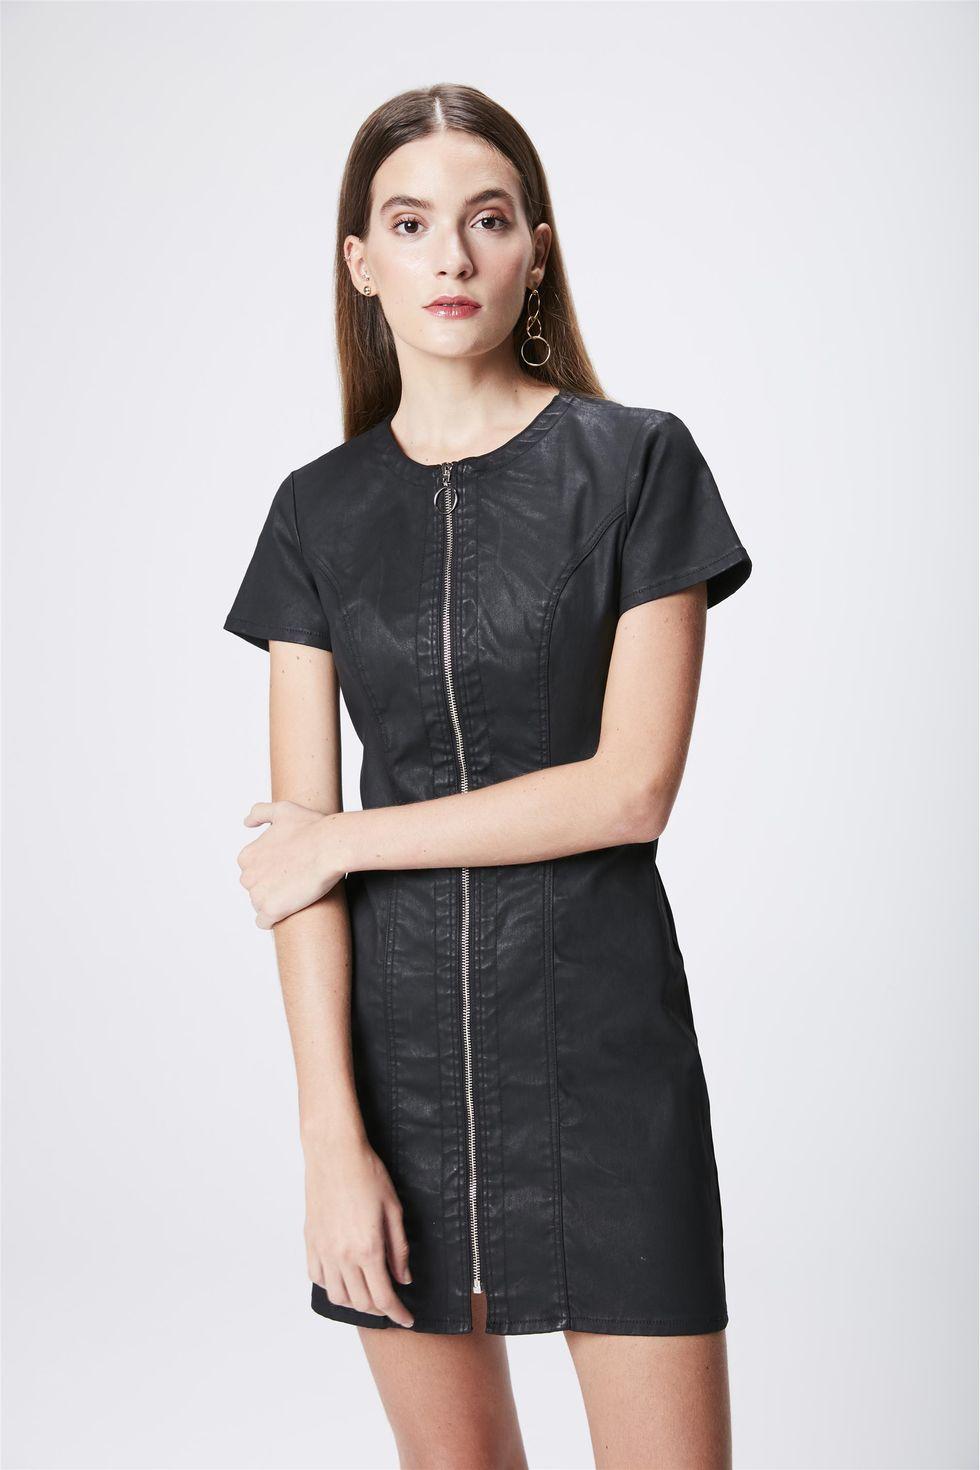 Vestido-Resinado-com-Ziper-Frontal-Frente--